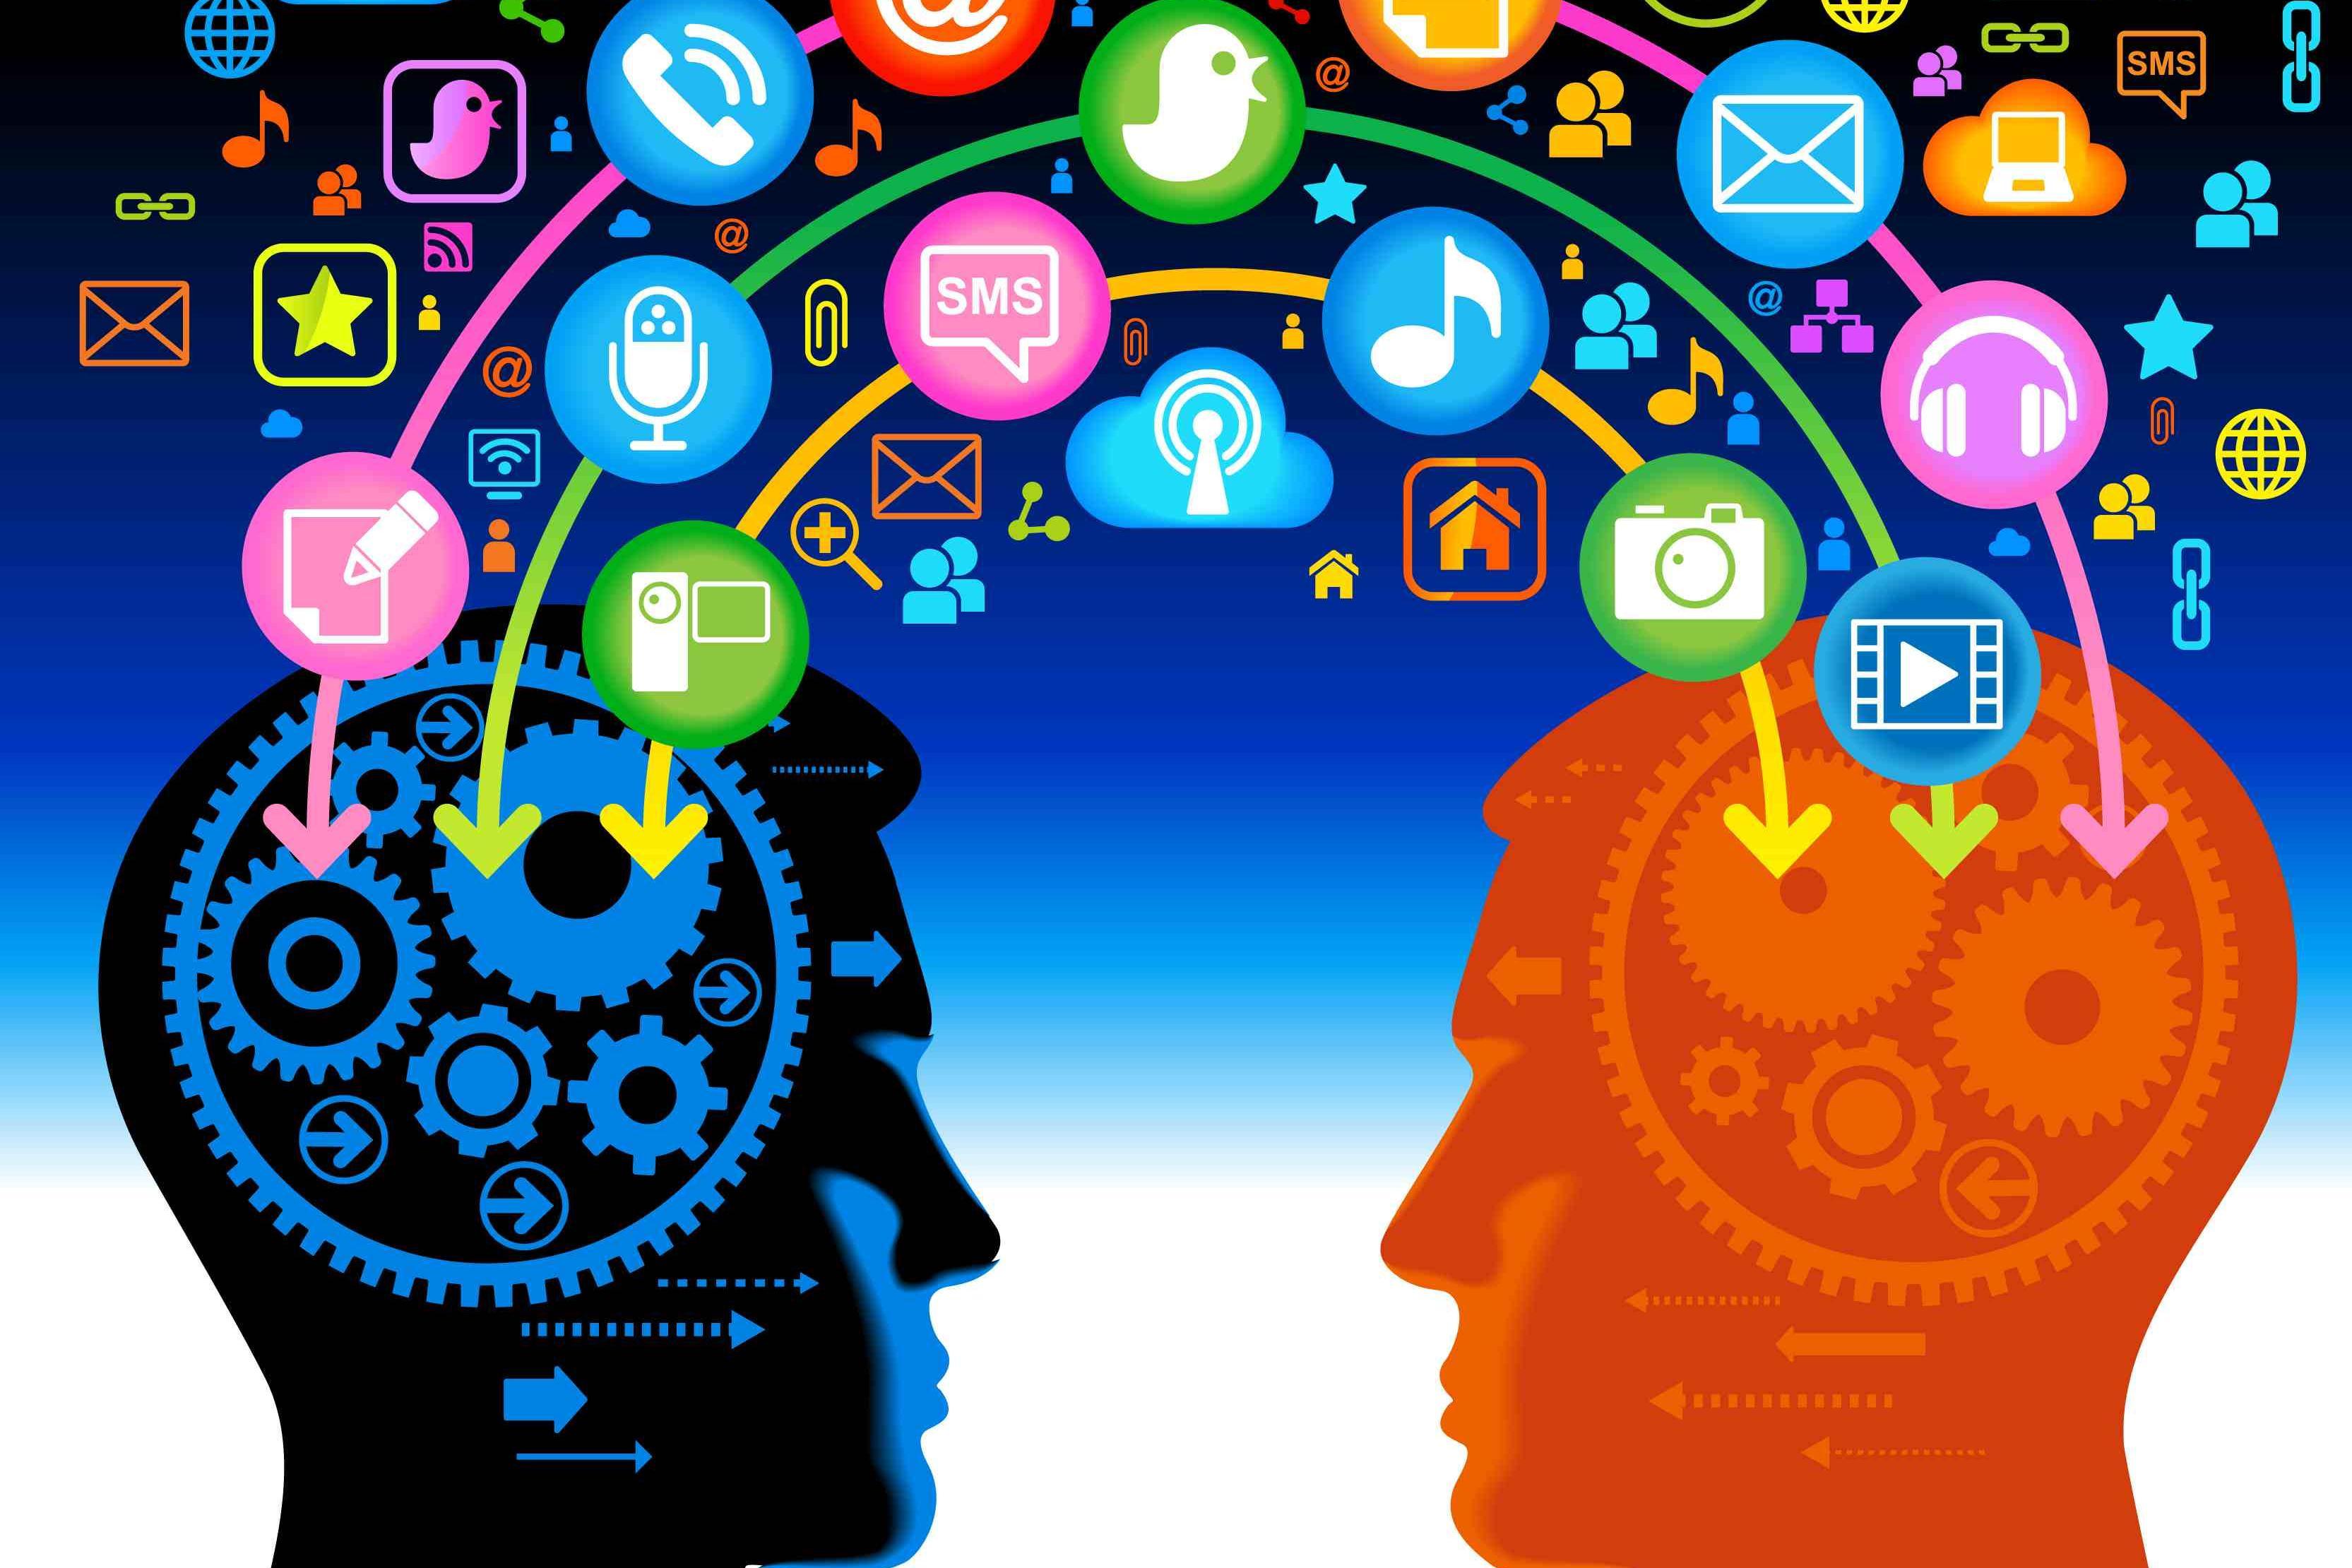 فضای مجازی چگونه شیوه ارتباطی نوجوانان را دستخوش تحول کرد؟